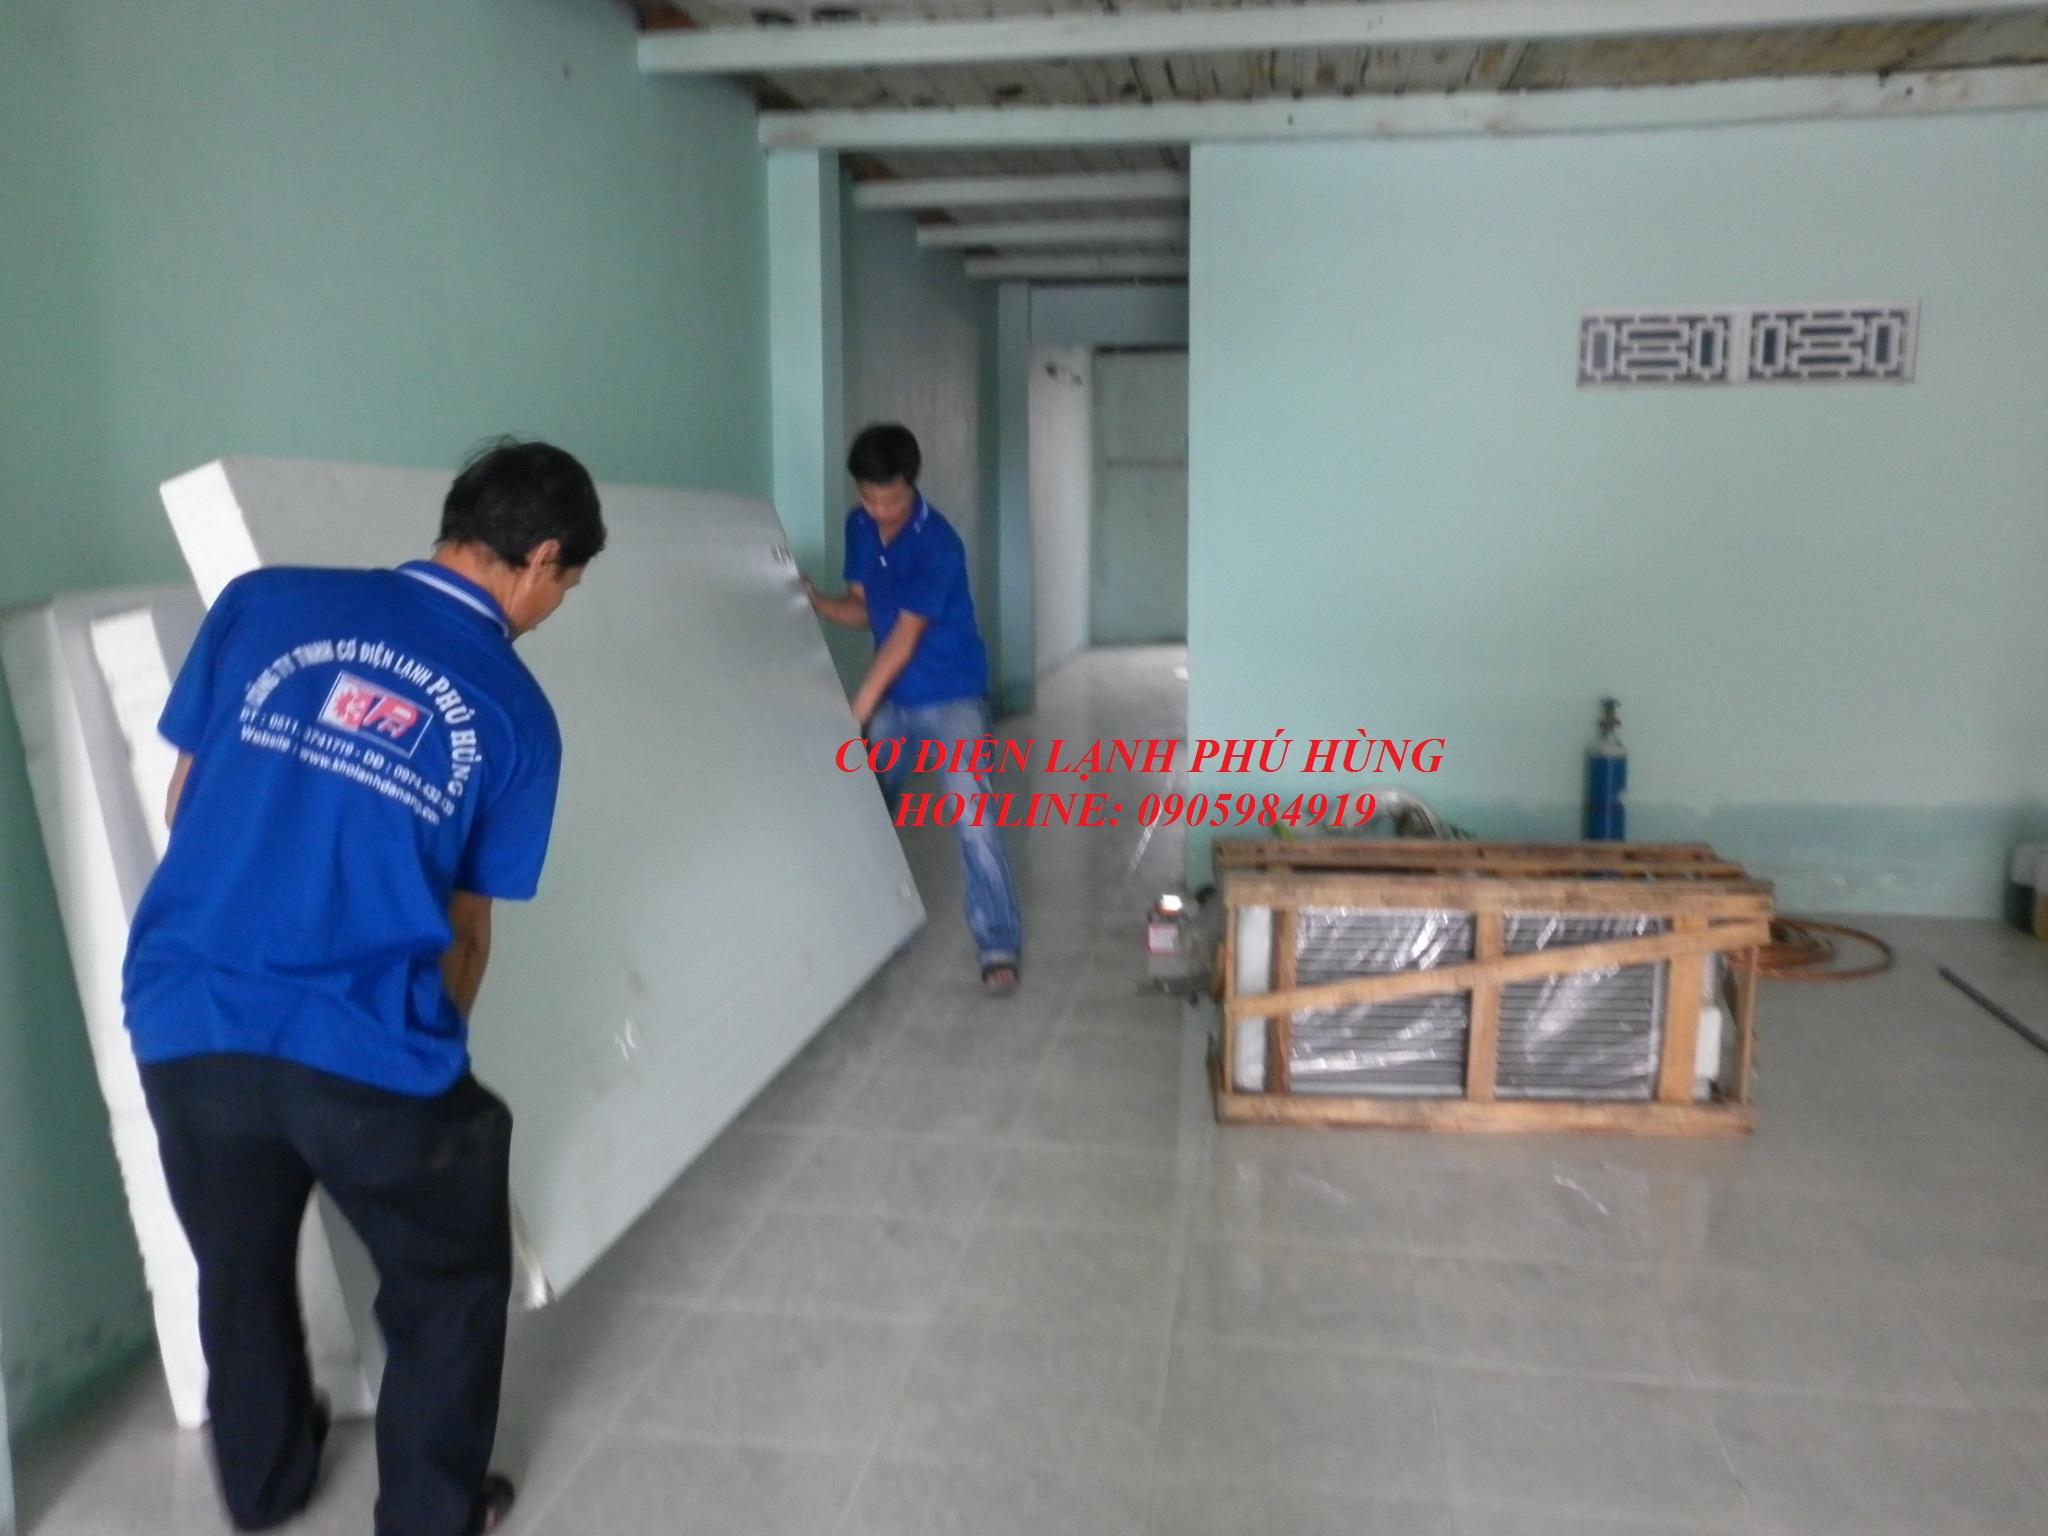 milk tnP1040967 - Kho lạnh bảo quản sữa chua TH milk - công ty Thuận nhĩ